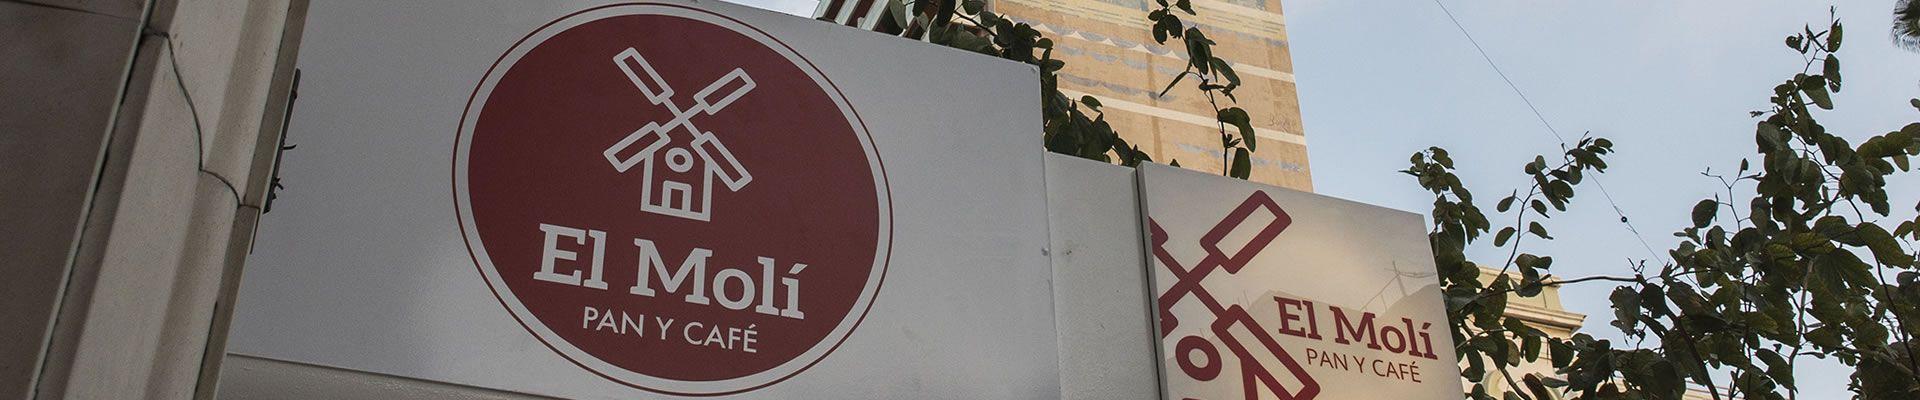 Contacto El Moli Pan y Cafe